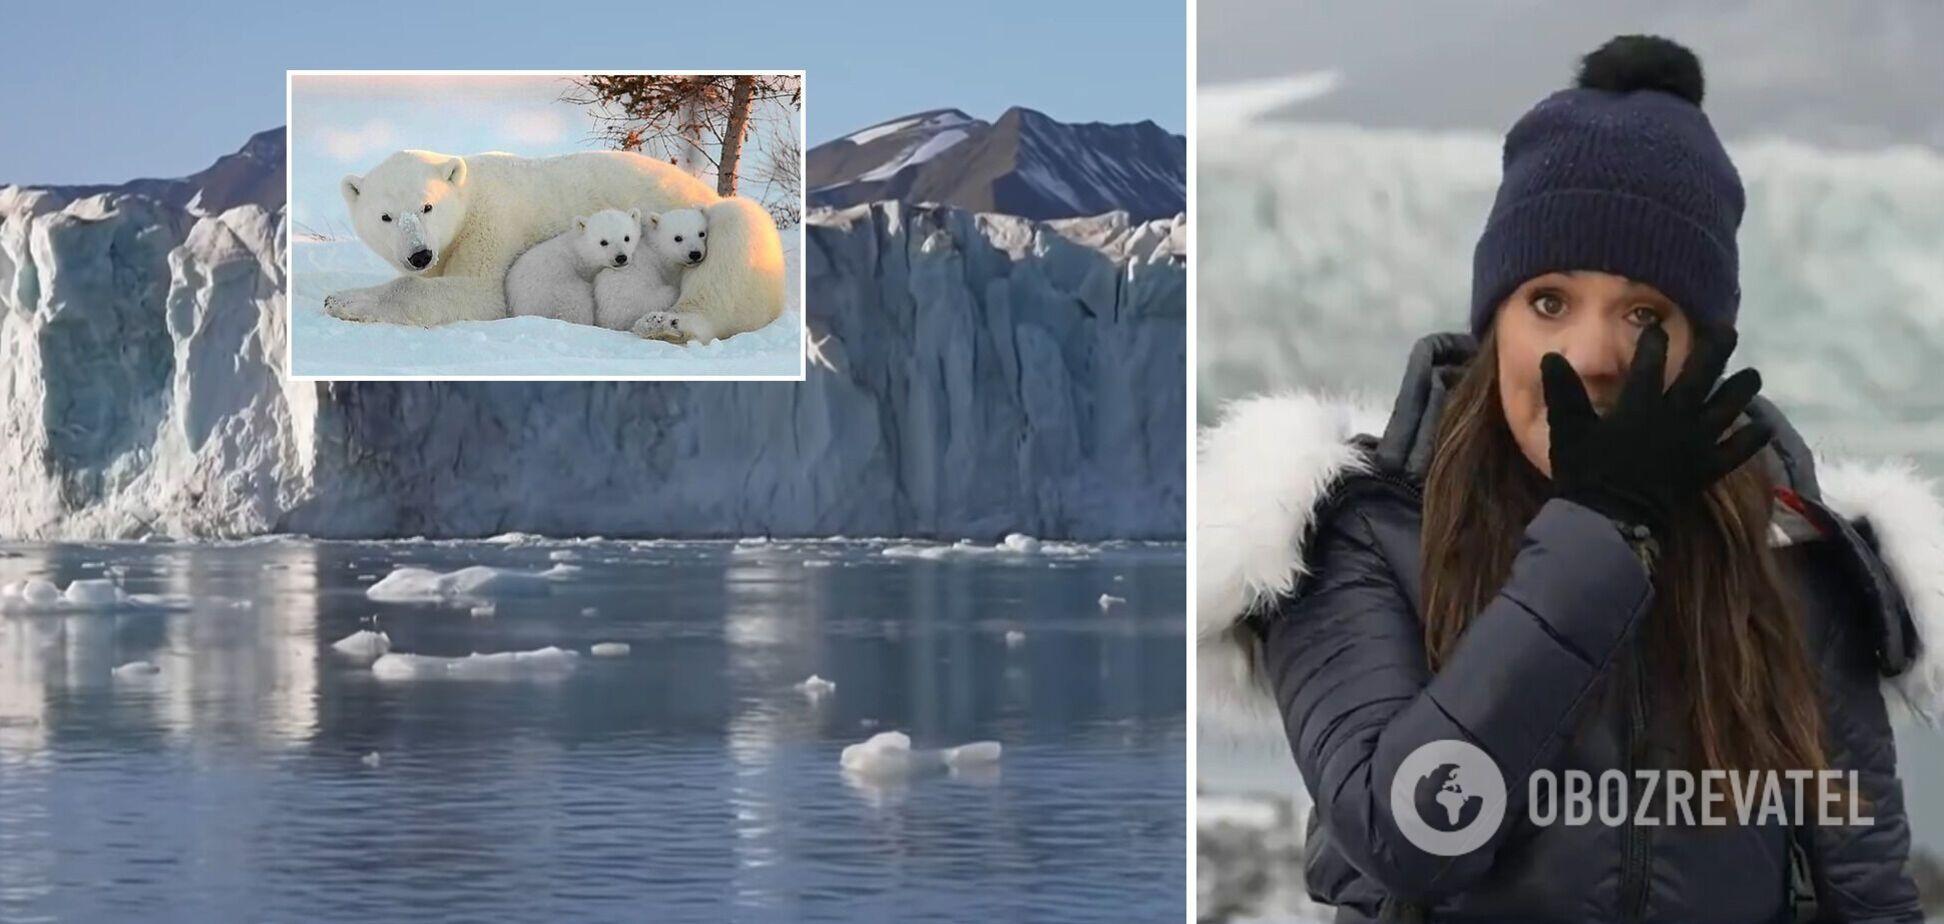 Британская ведущая расплакалась в прямом эфире, рассказывая об изменениях климата. Видео